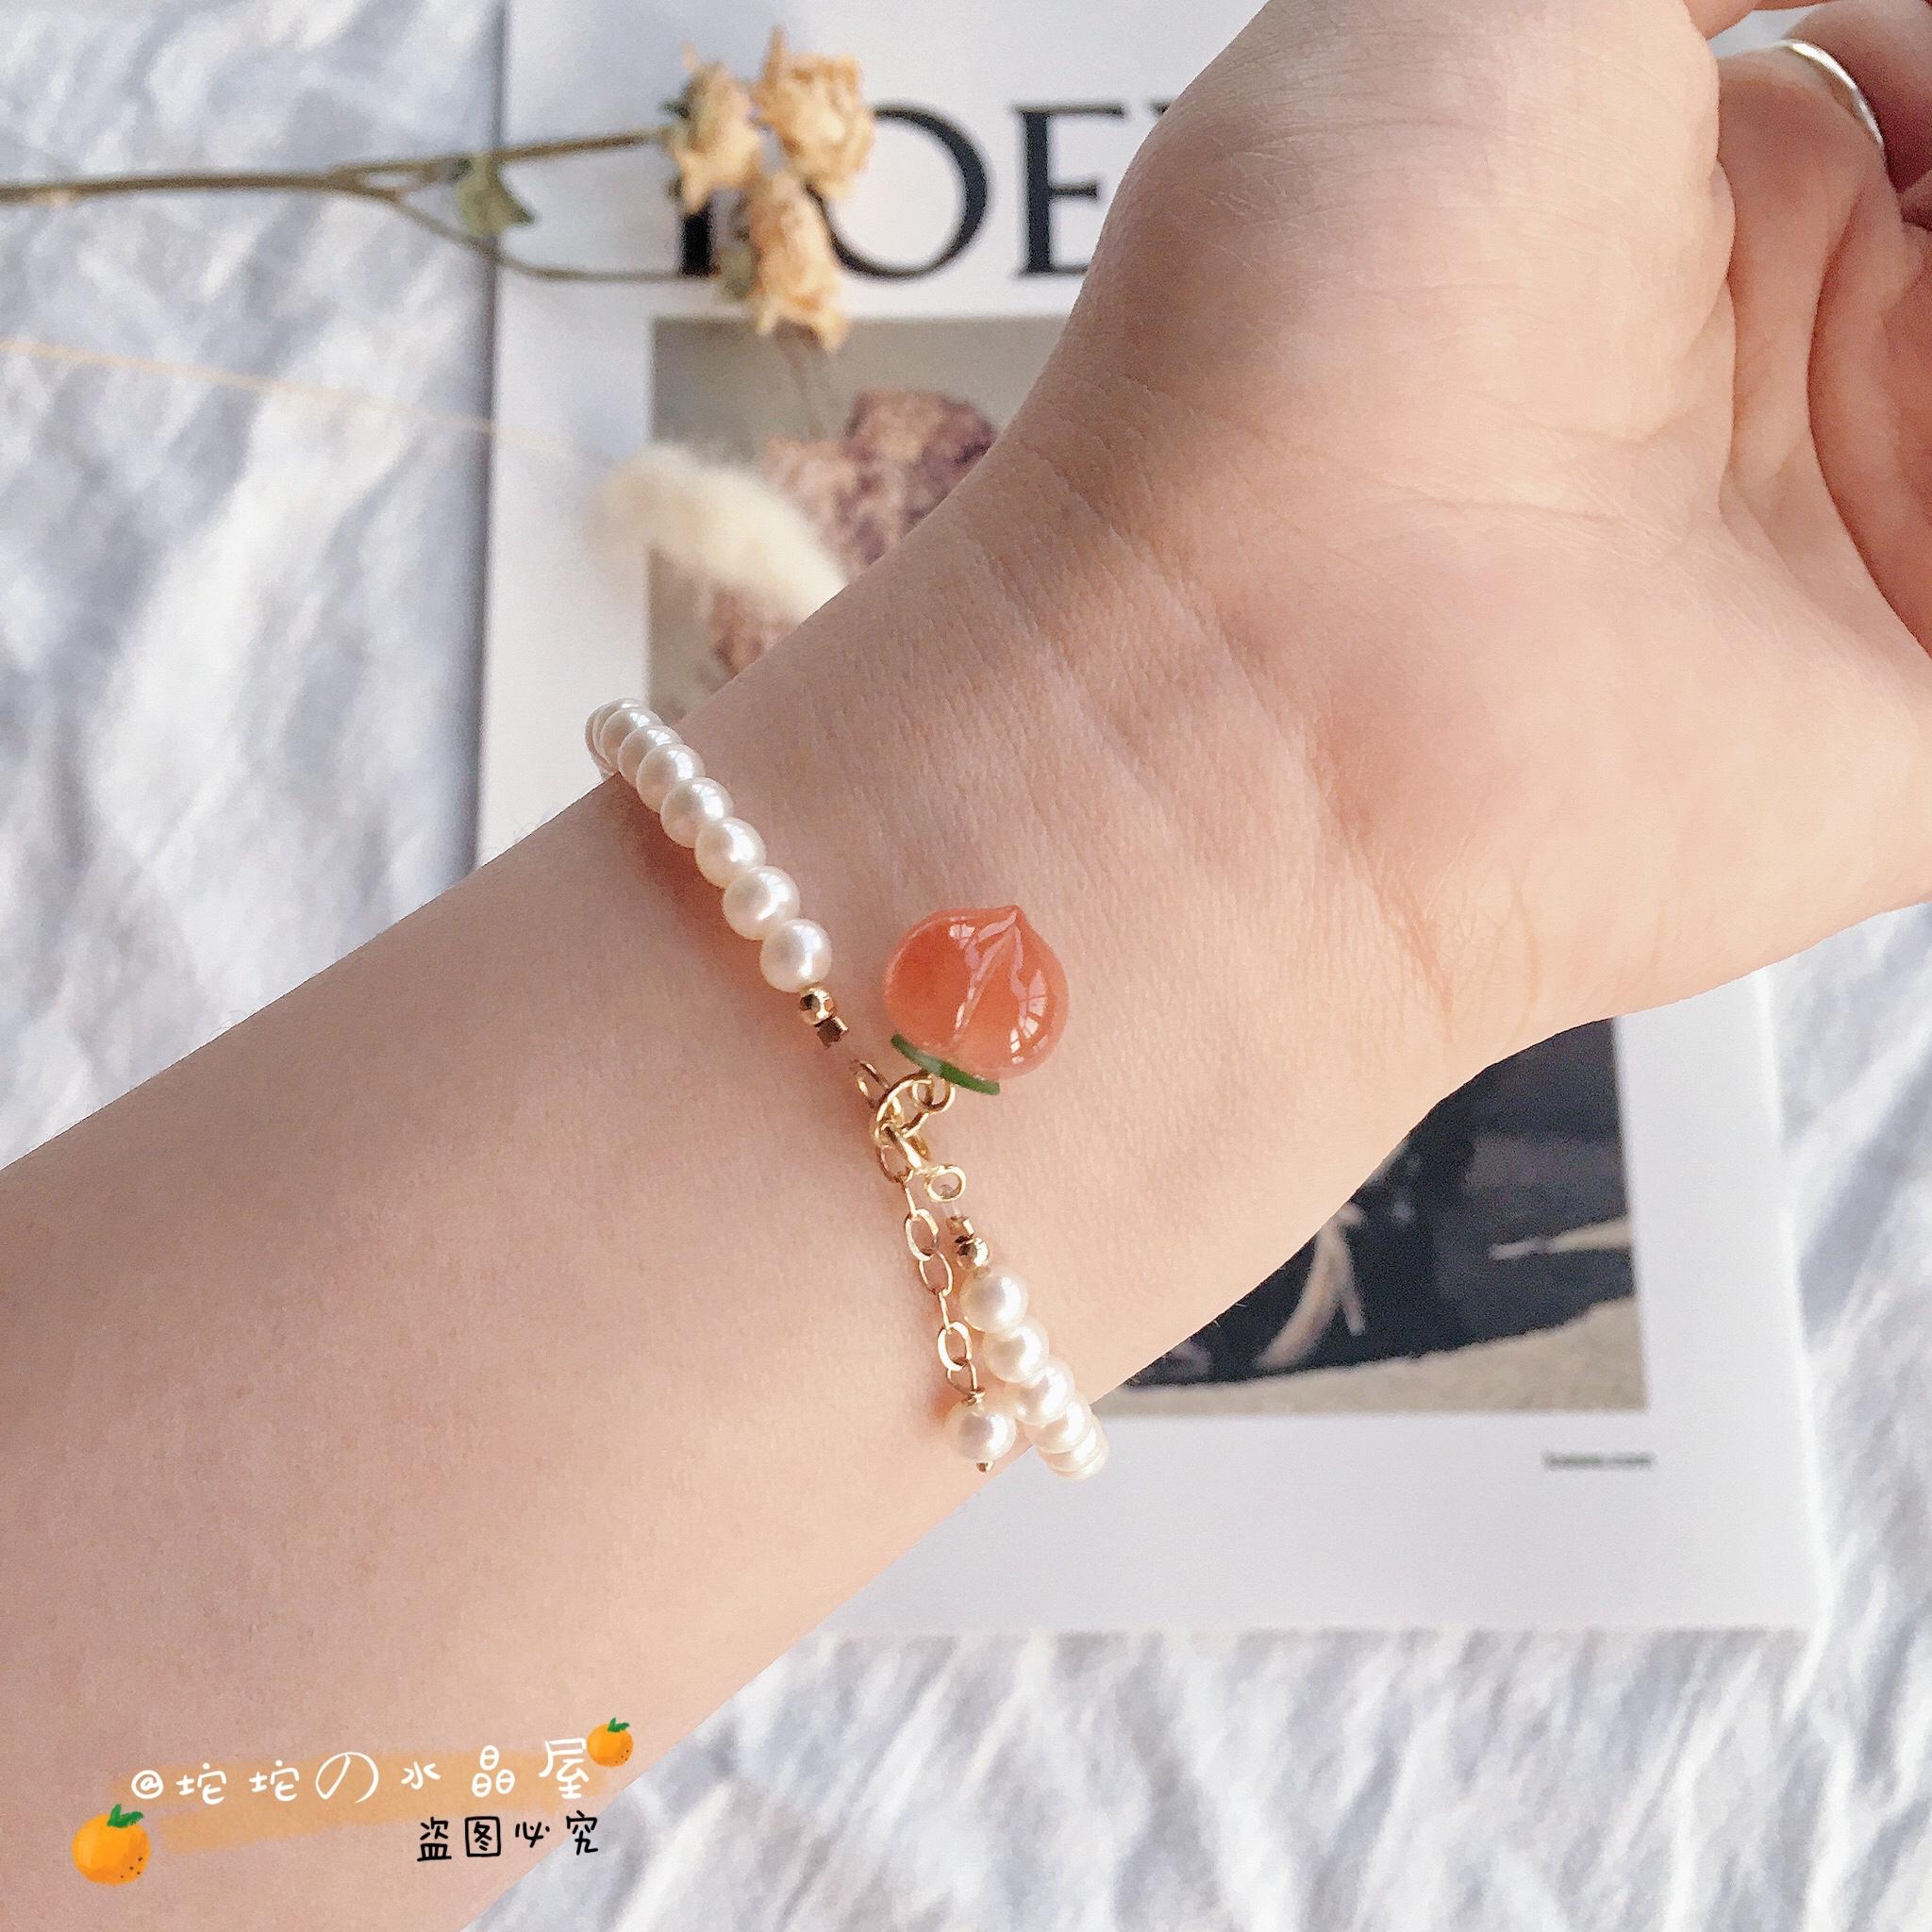 南红桃子水蜜桃红玛瑙吊坠天然项链 小众设计小红书手链手串  ins